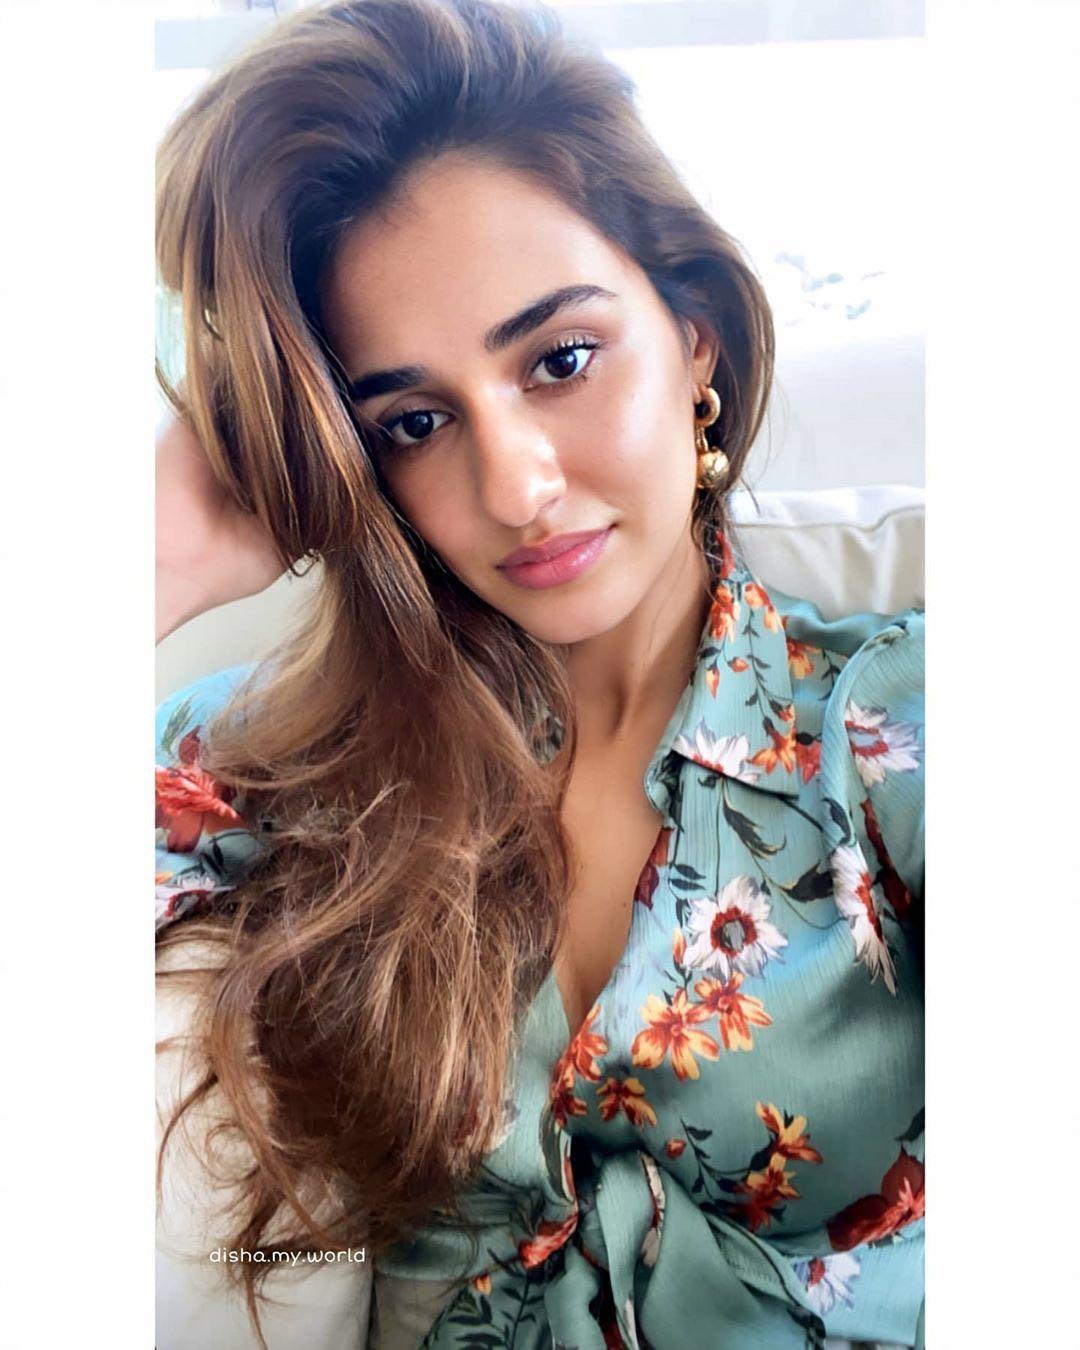 Bollywood Pretty Actress Disha Patani